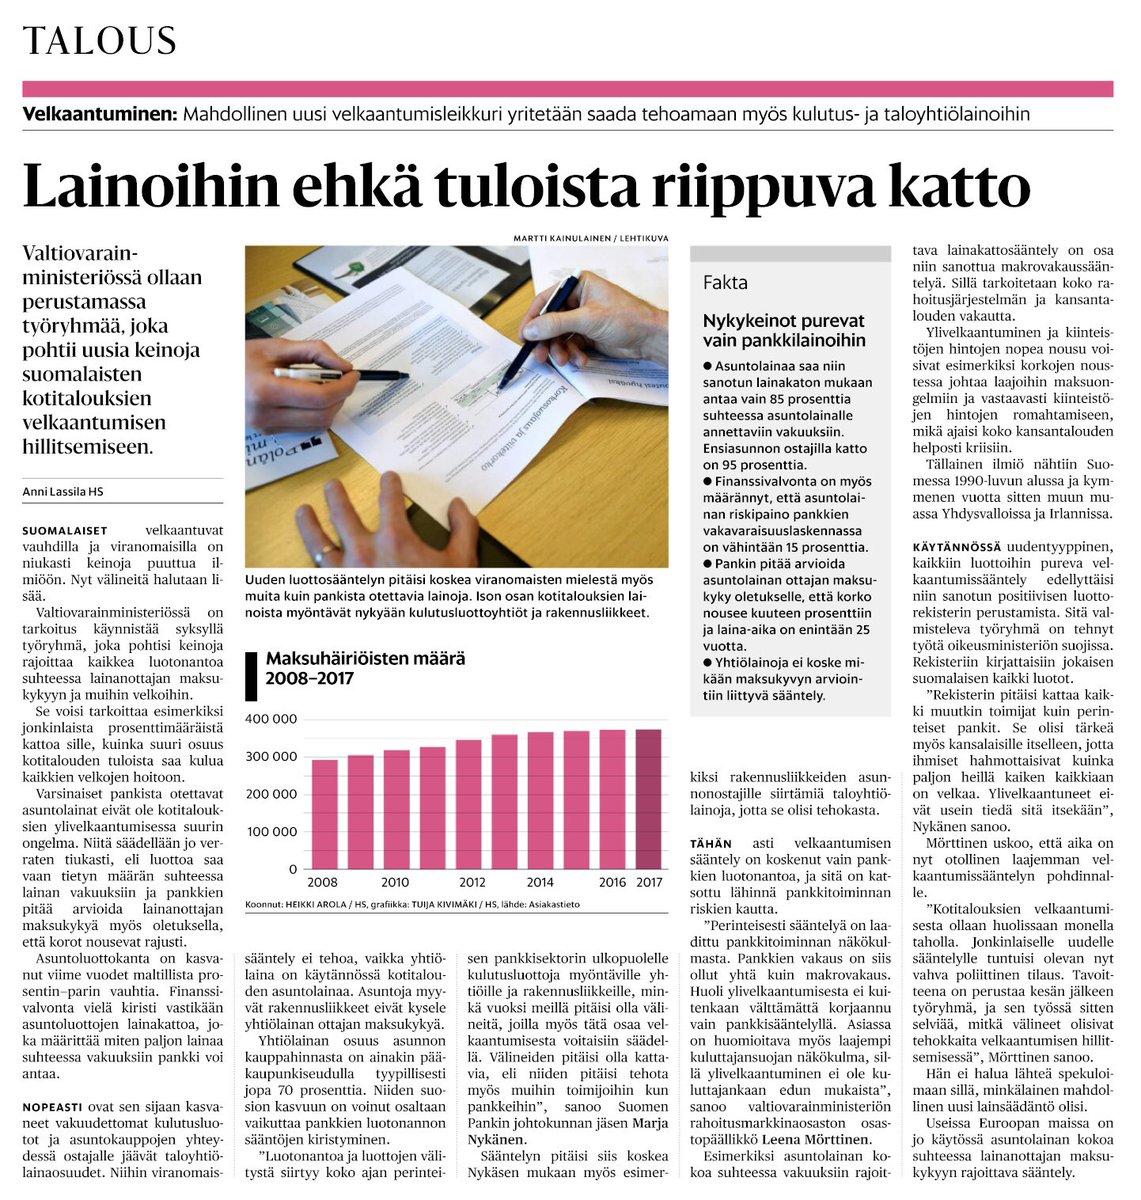 Maksuhäiriöisiä on Suomessa 380 000 – merkintöjen määrä on kasvanut yli 30-vuotiailla